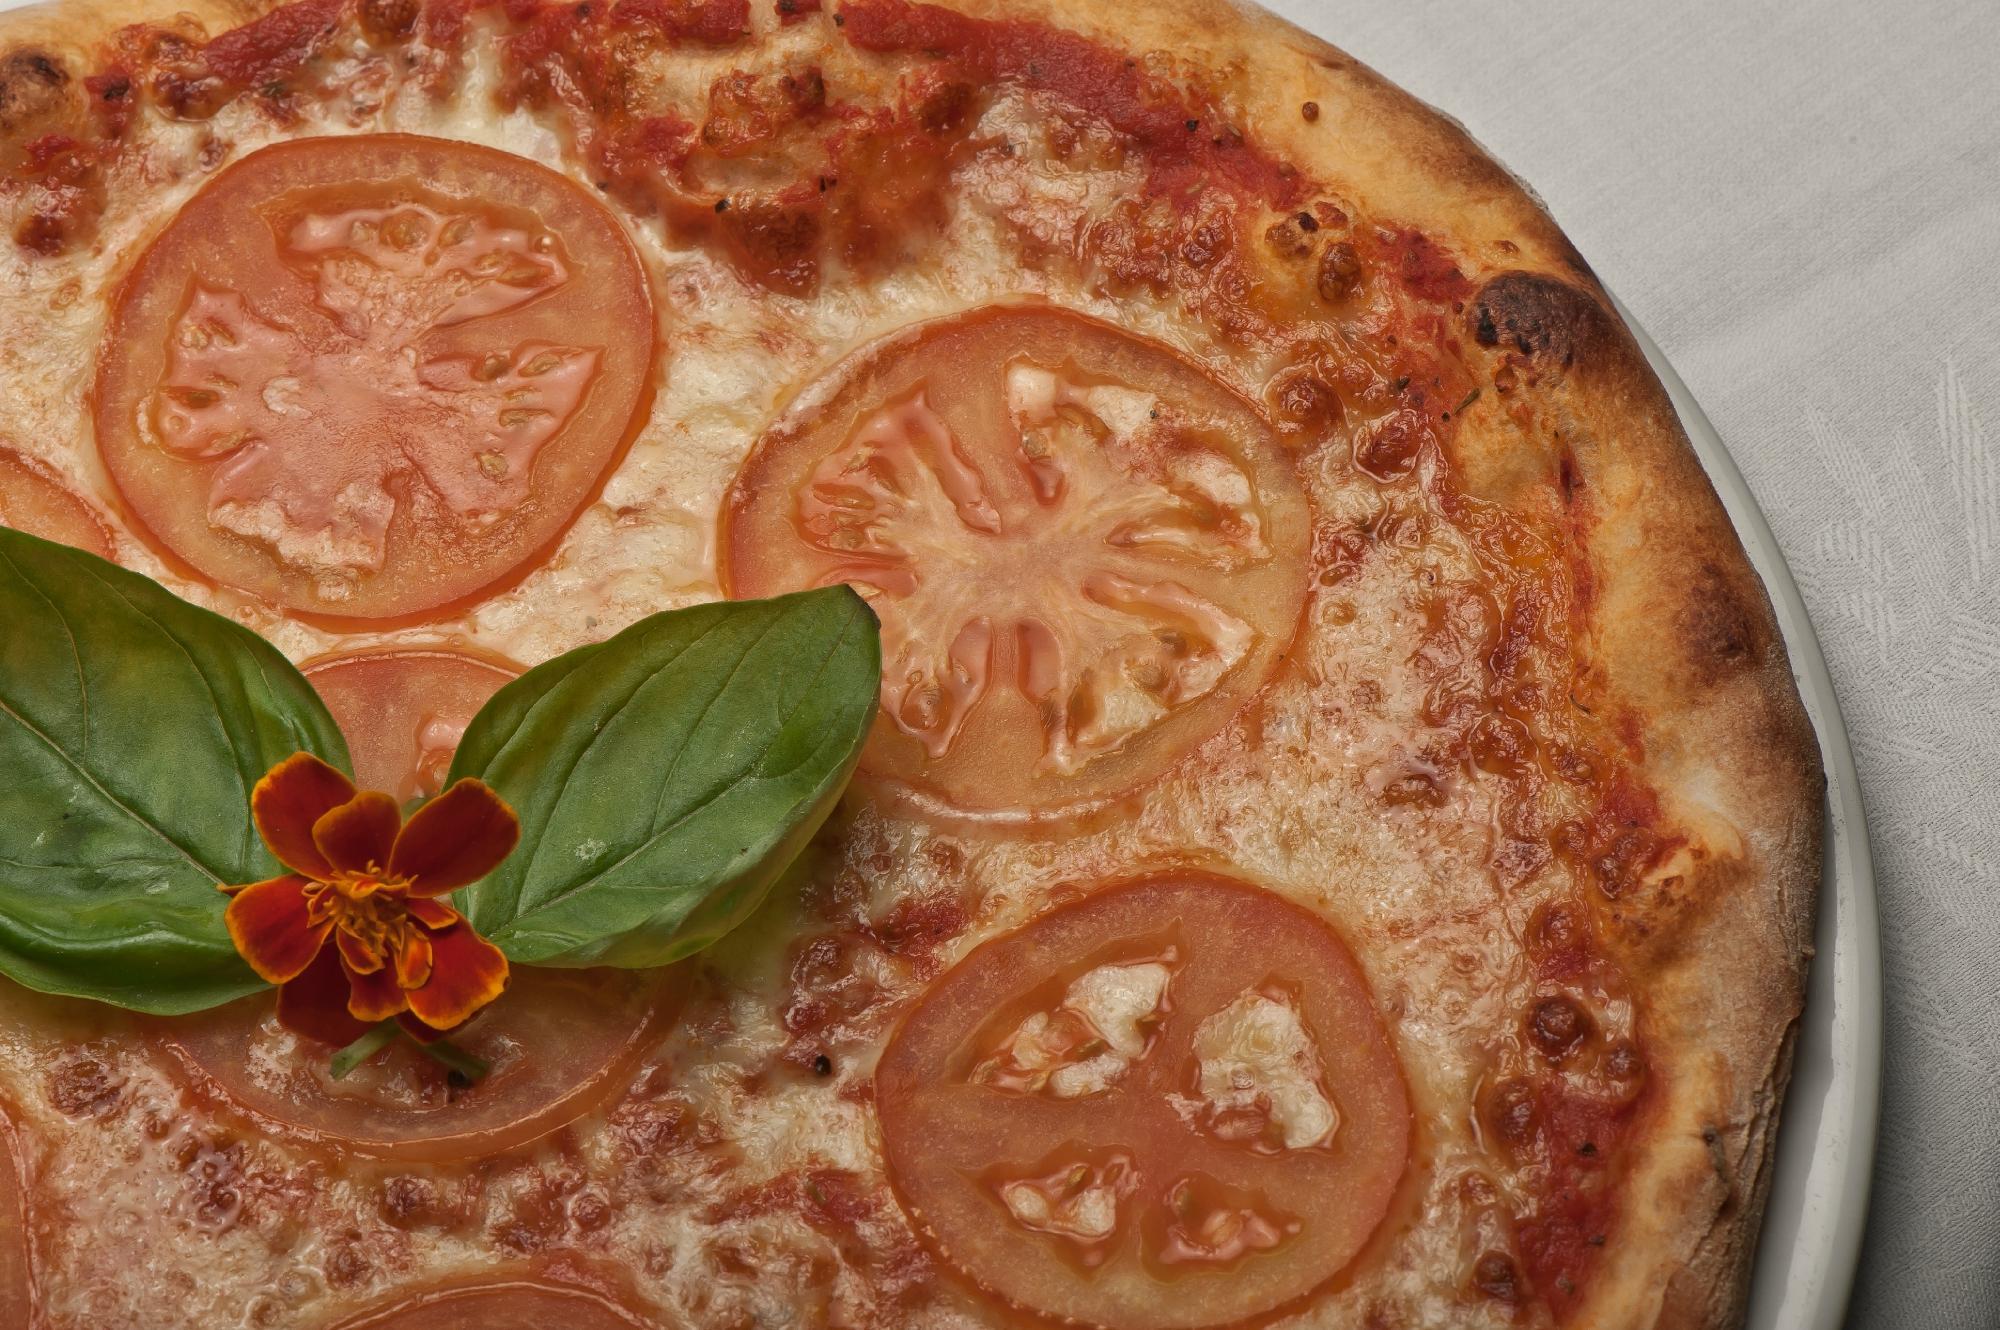 Nicks Swiss Italian Restaurant | 33 Gillies Highway, Yungaburra, Queensland 4884 | +61 7 4095 3330